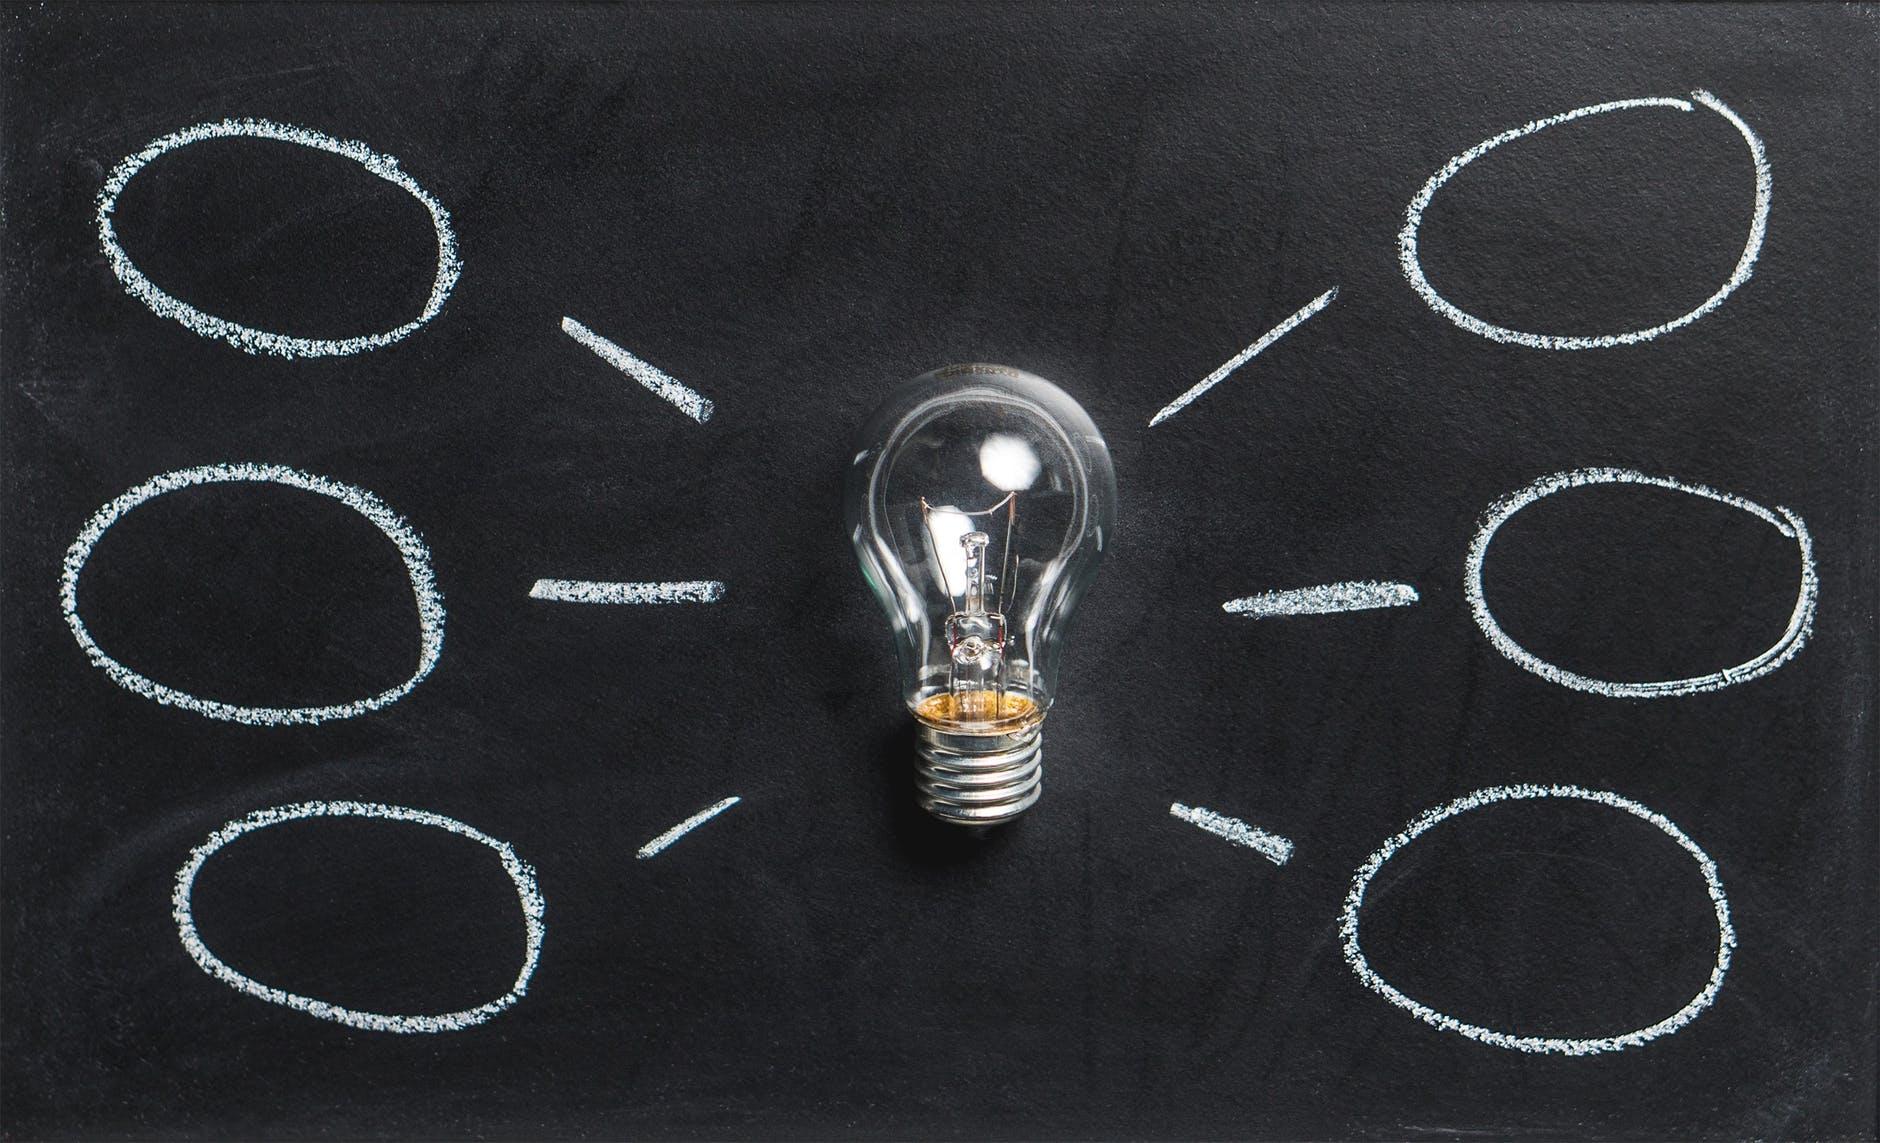 Bombilla que sugiere ideas